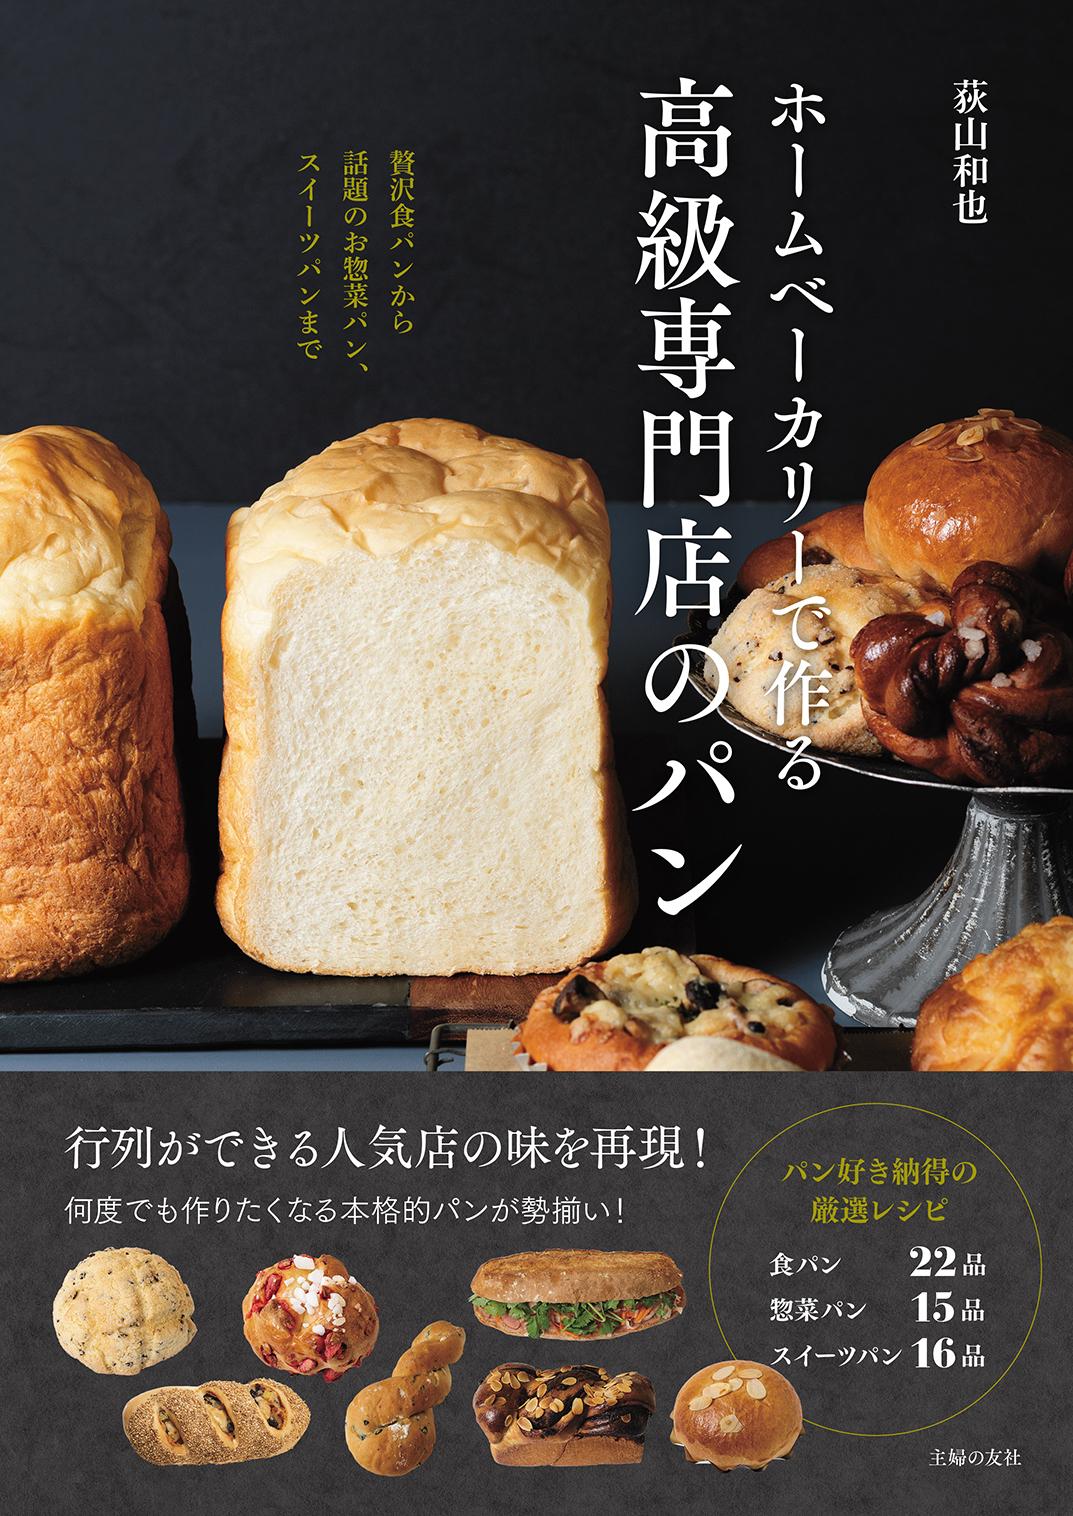 『ホームベーカリーで作る高級専門店のパン』(主婦の友社)